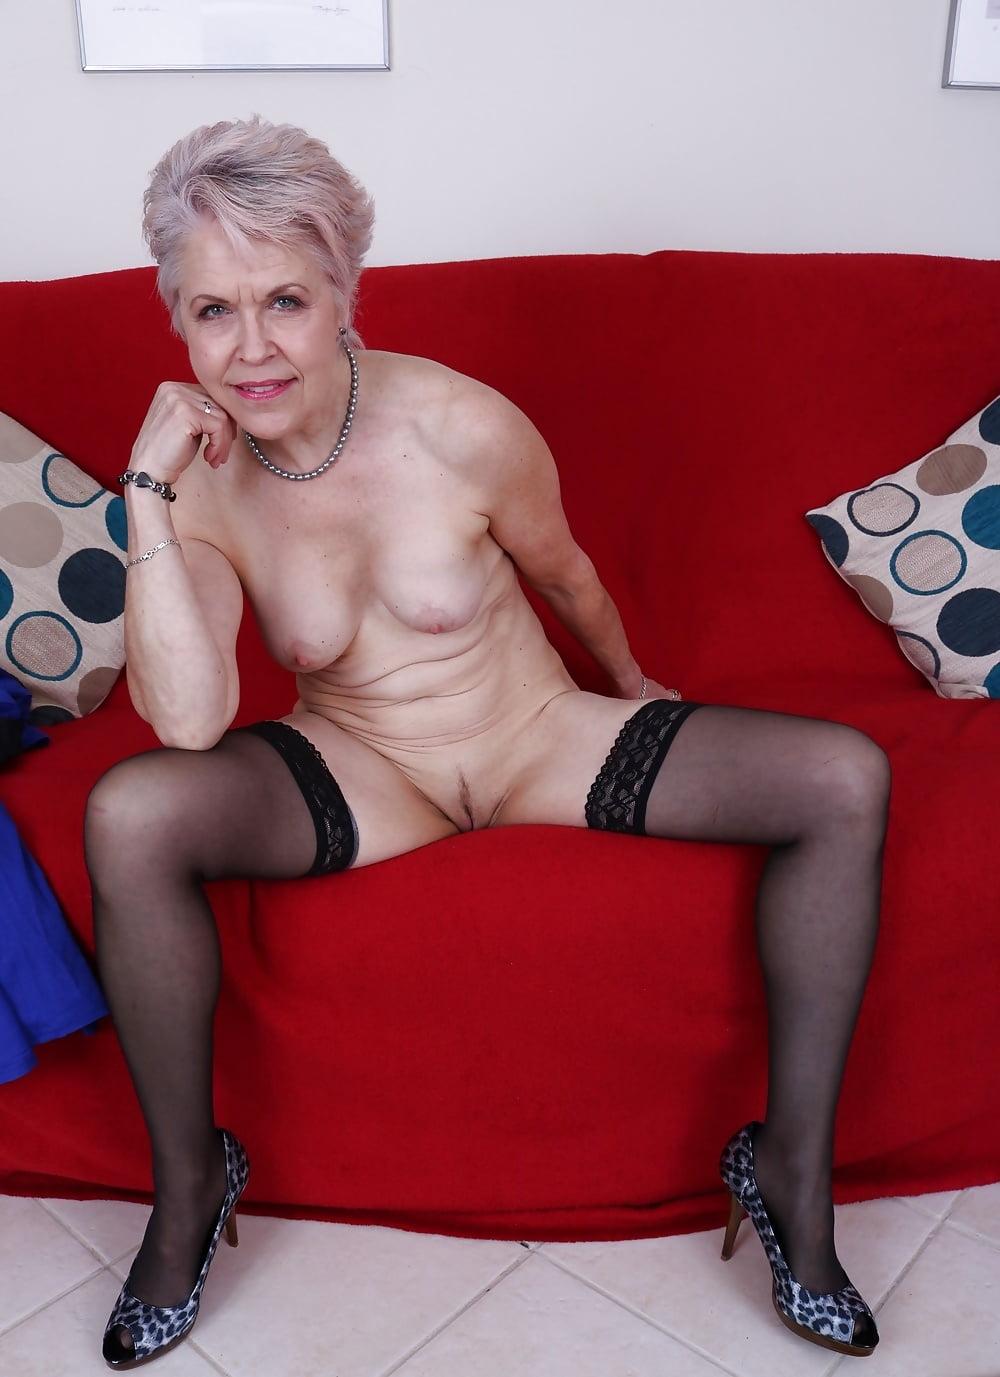 Porn mature ladies pic galleries and